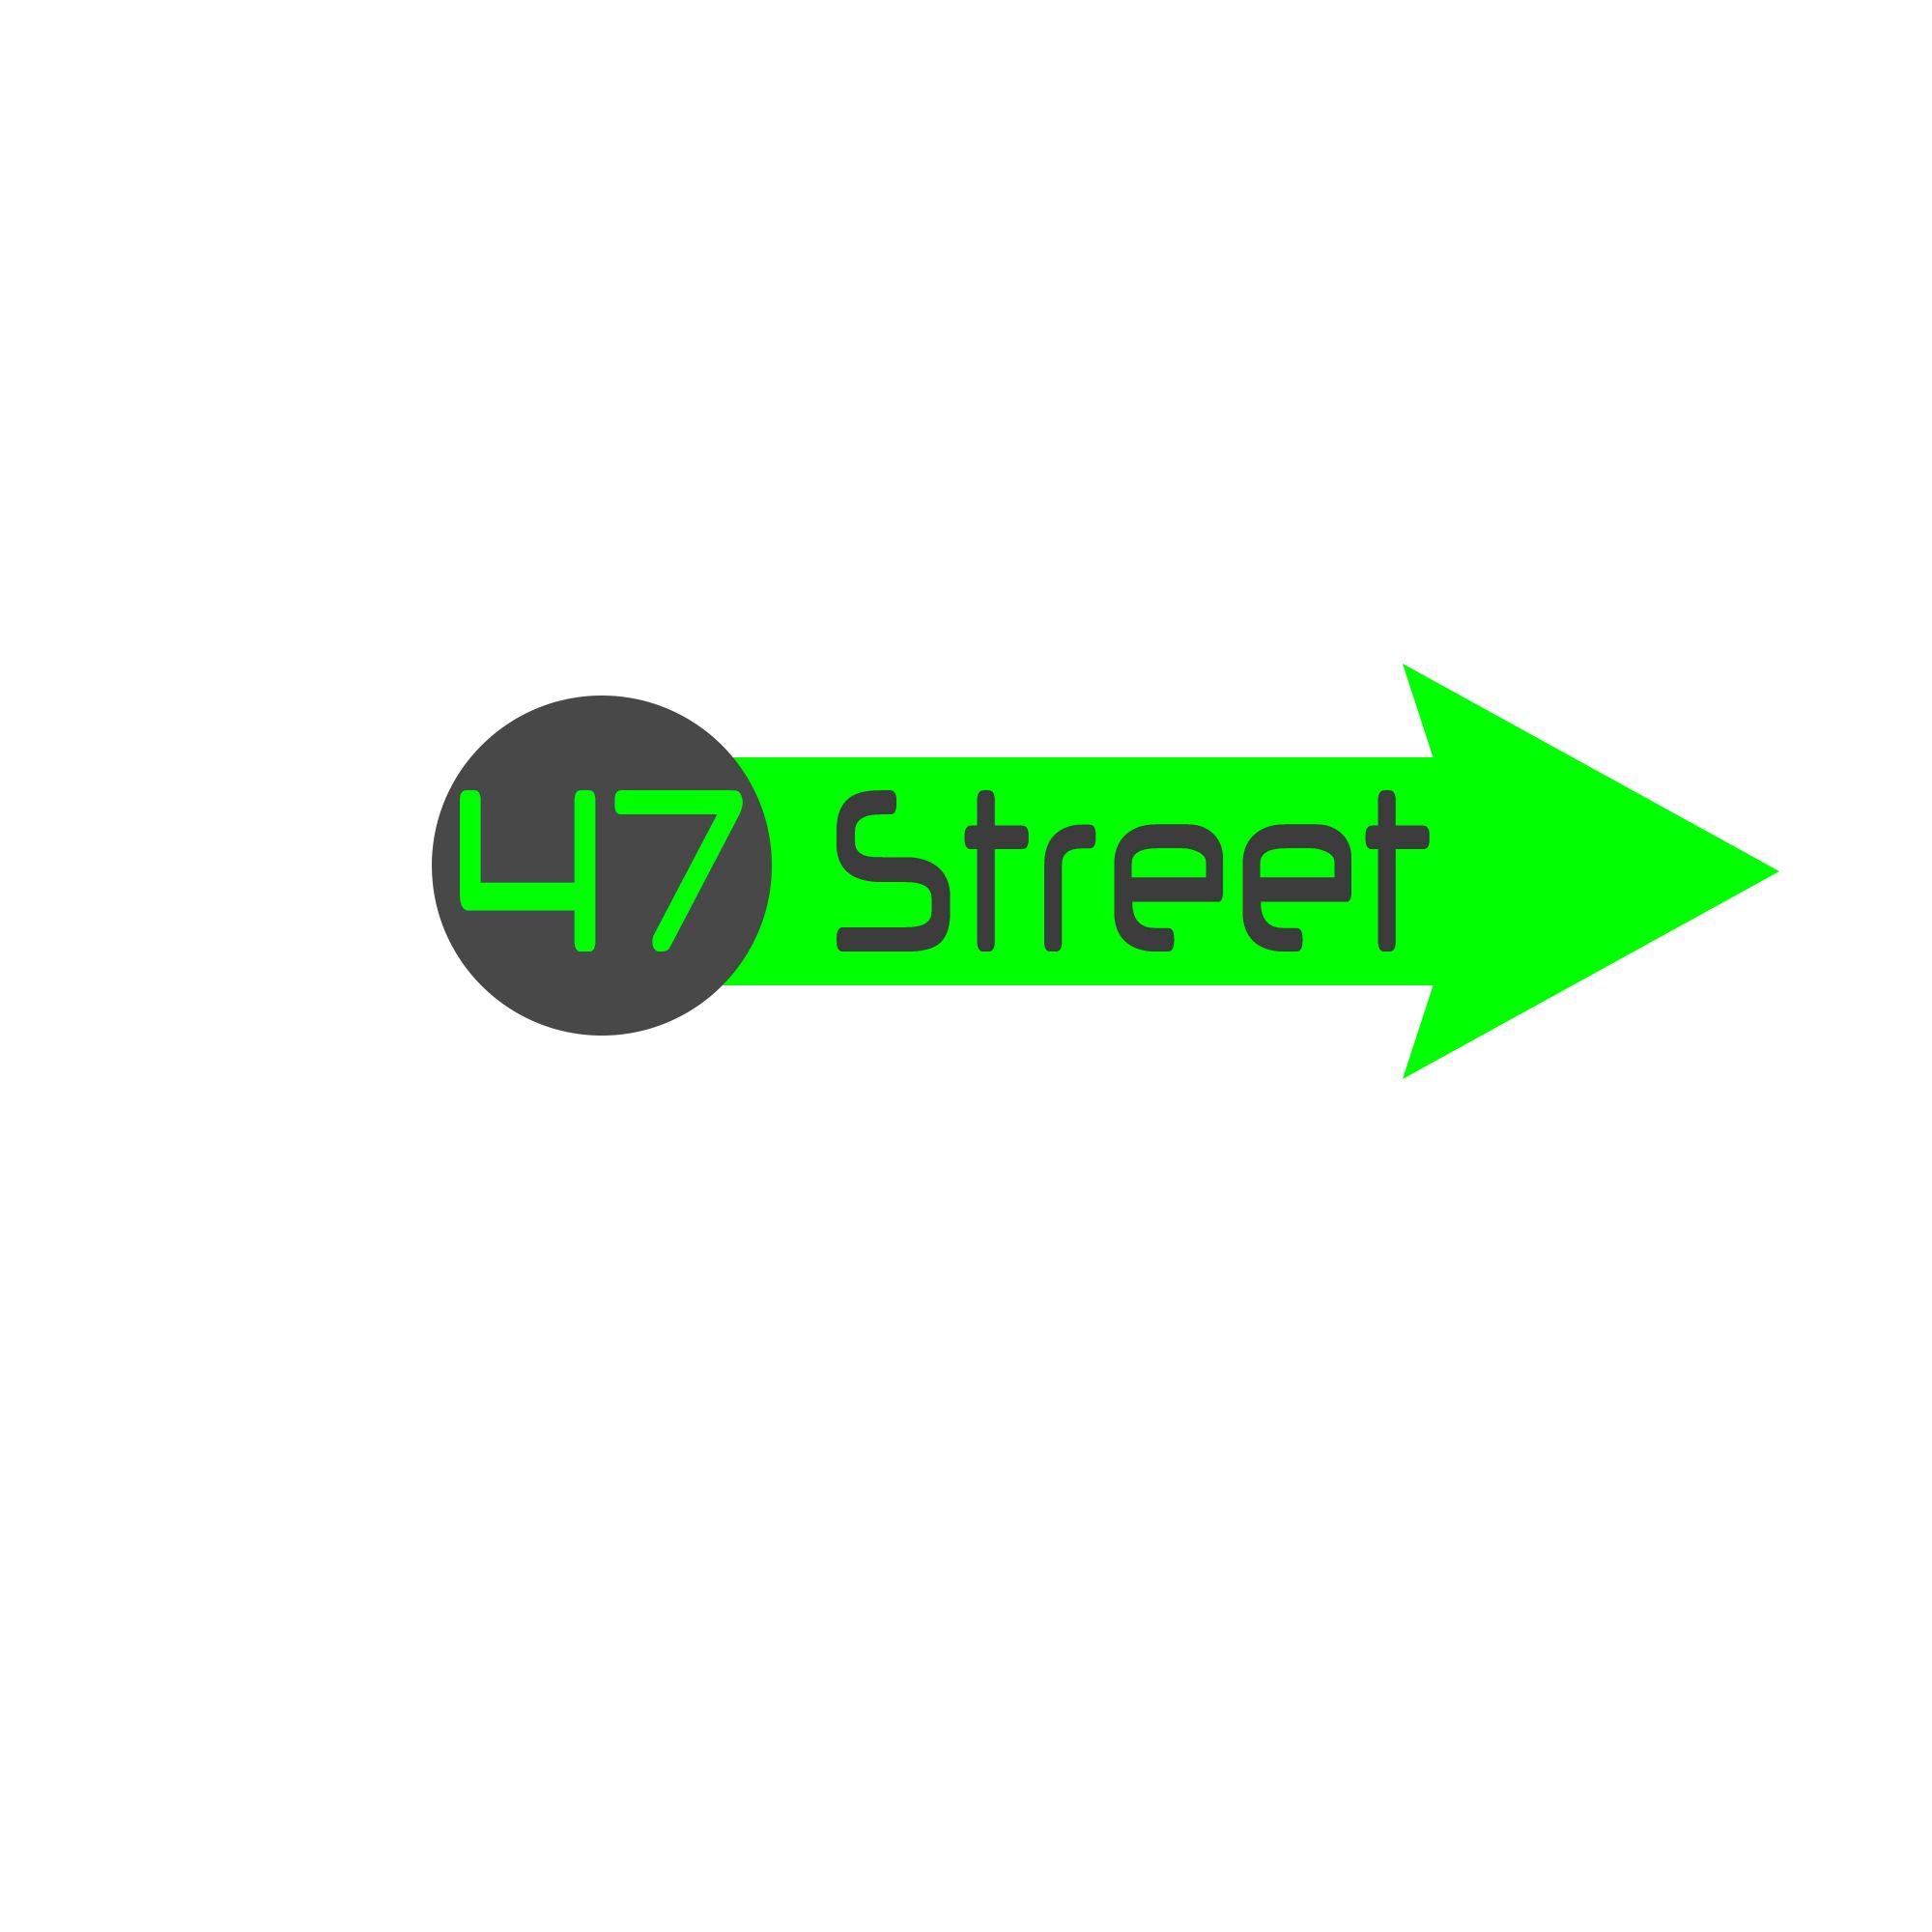 Разработка логотипа студии веб-разработки - дизайнер Xenon_J